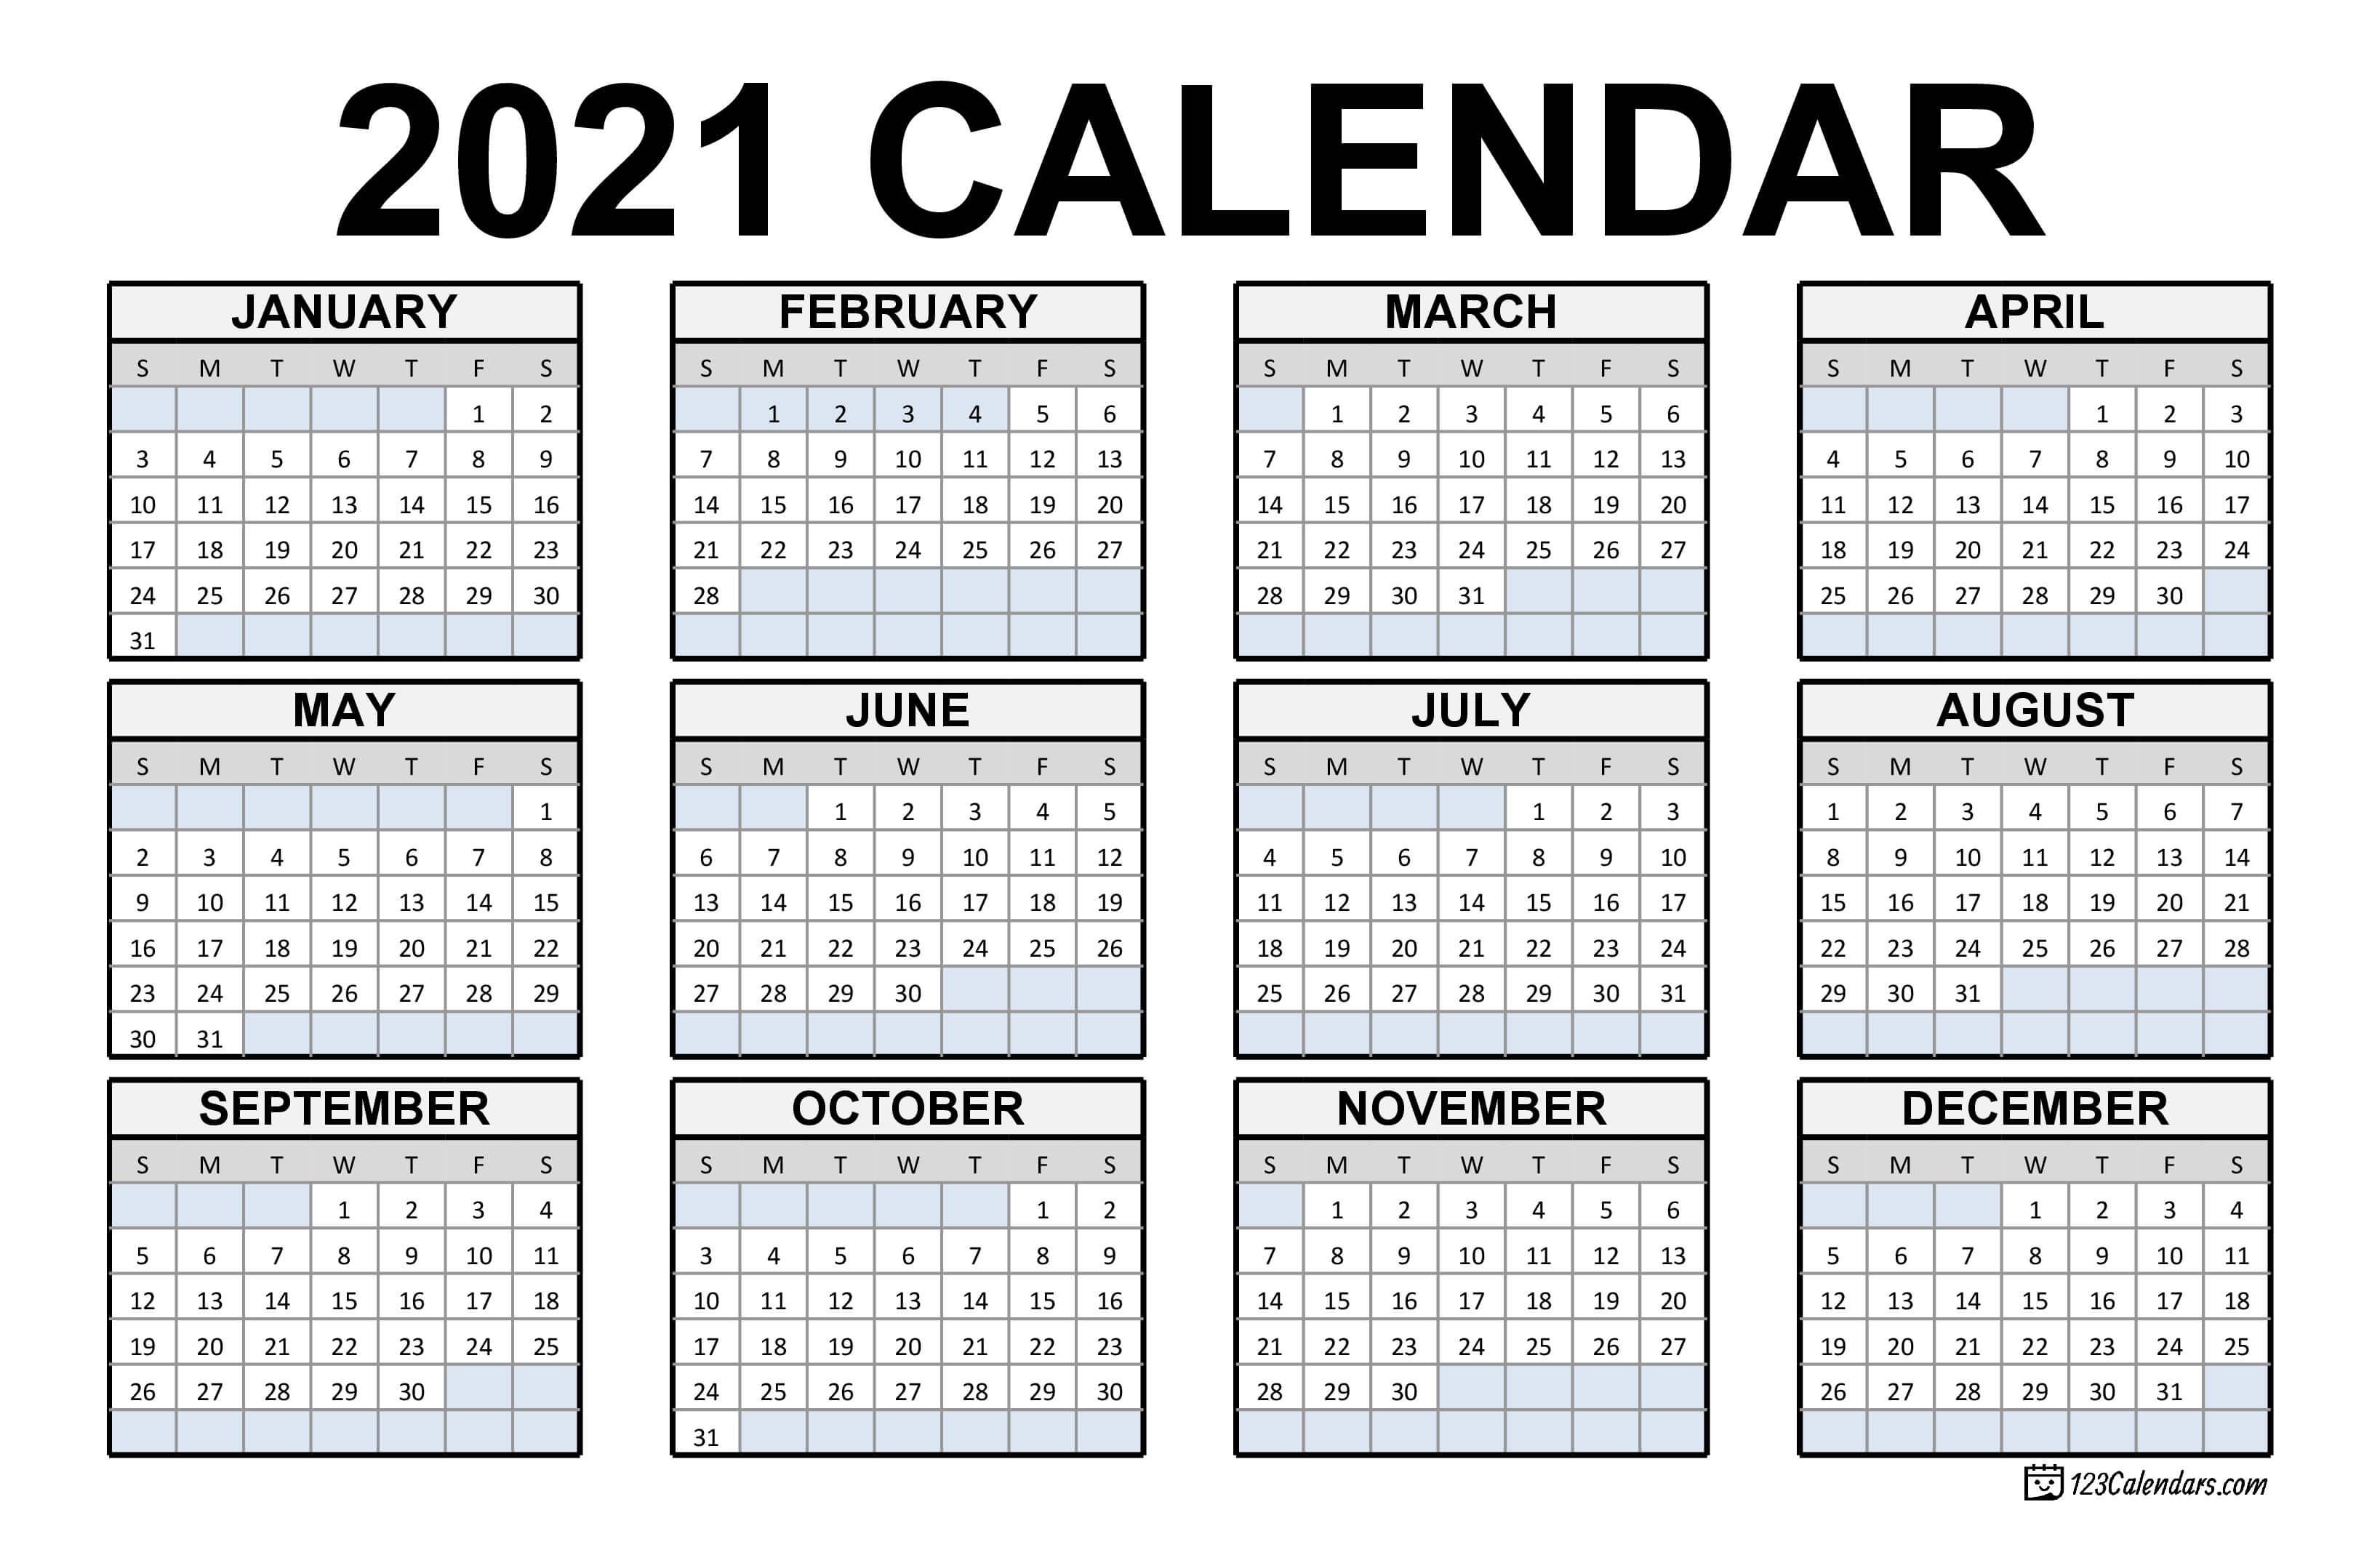 This template is available as editable pdf / jpg document. 2021 Printable Calendar   123Calendars.com